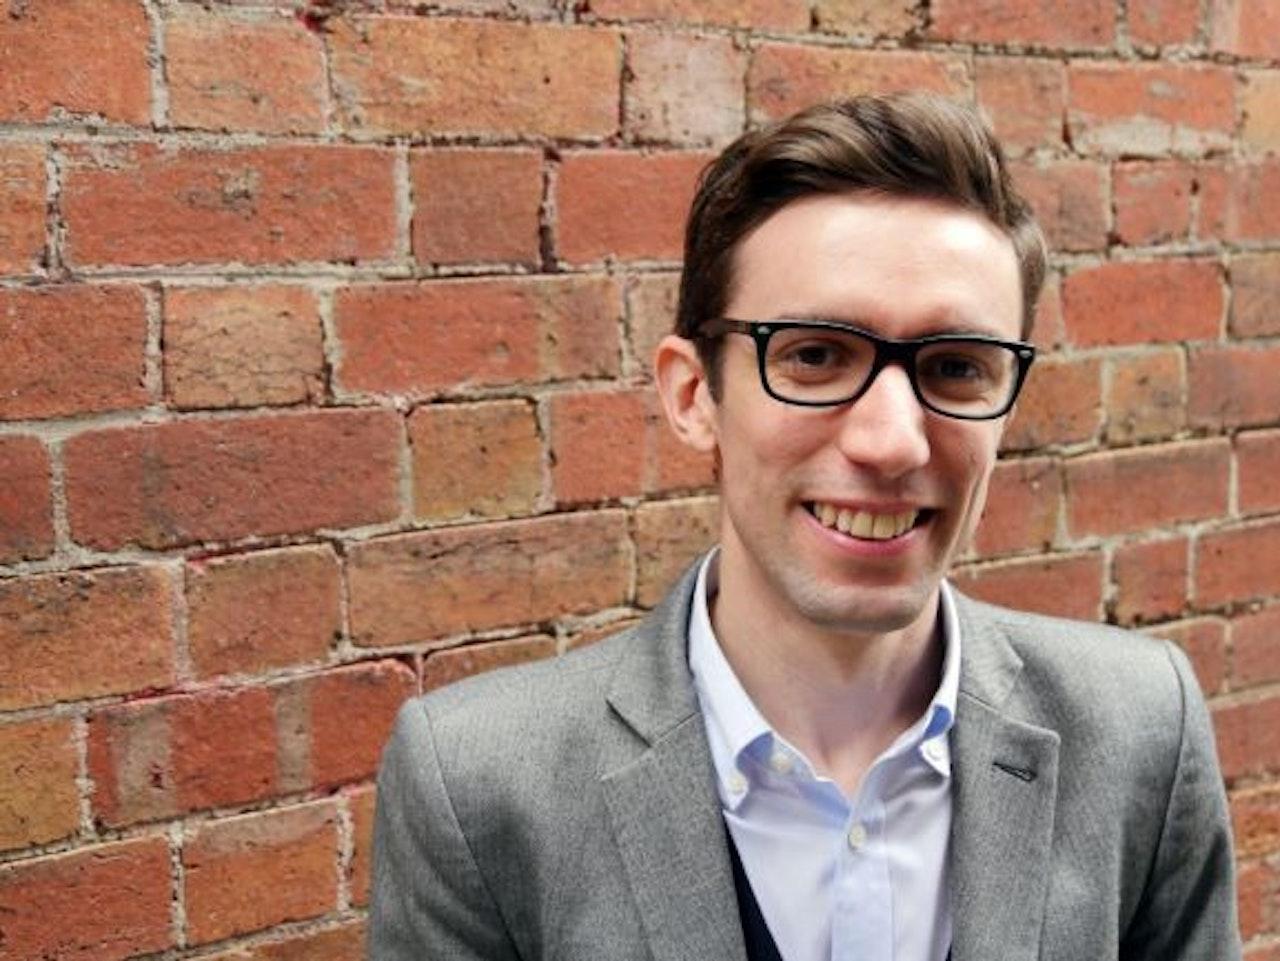 Joe Toohey_ExecutiveDirector_CEO - Mid